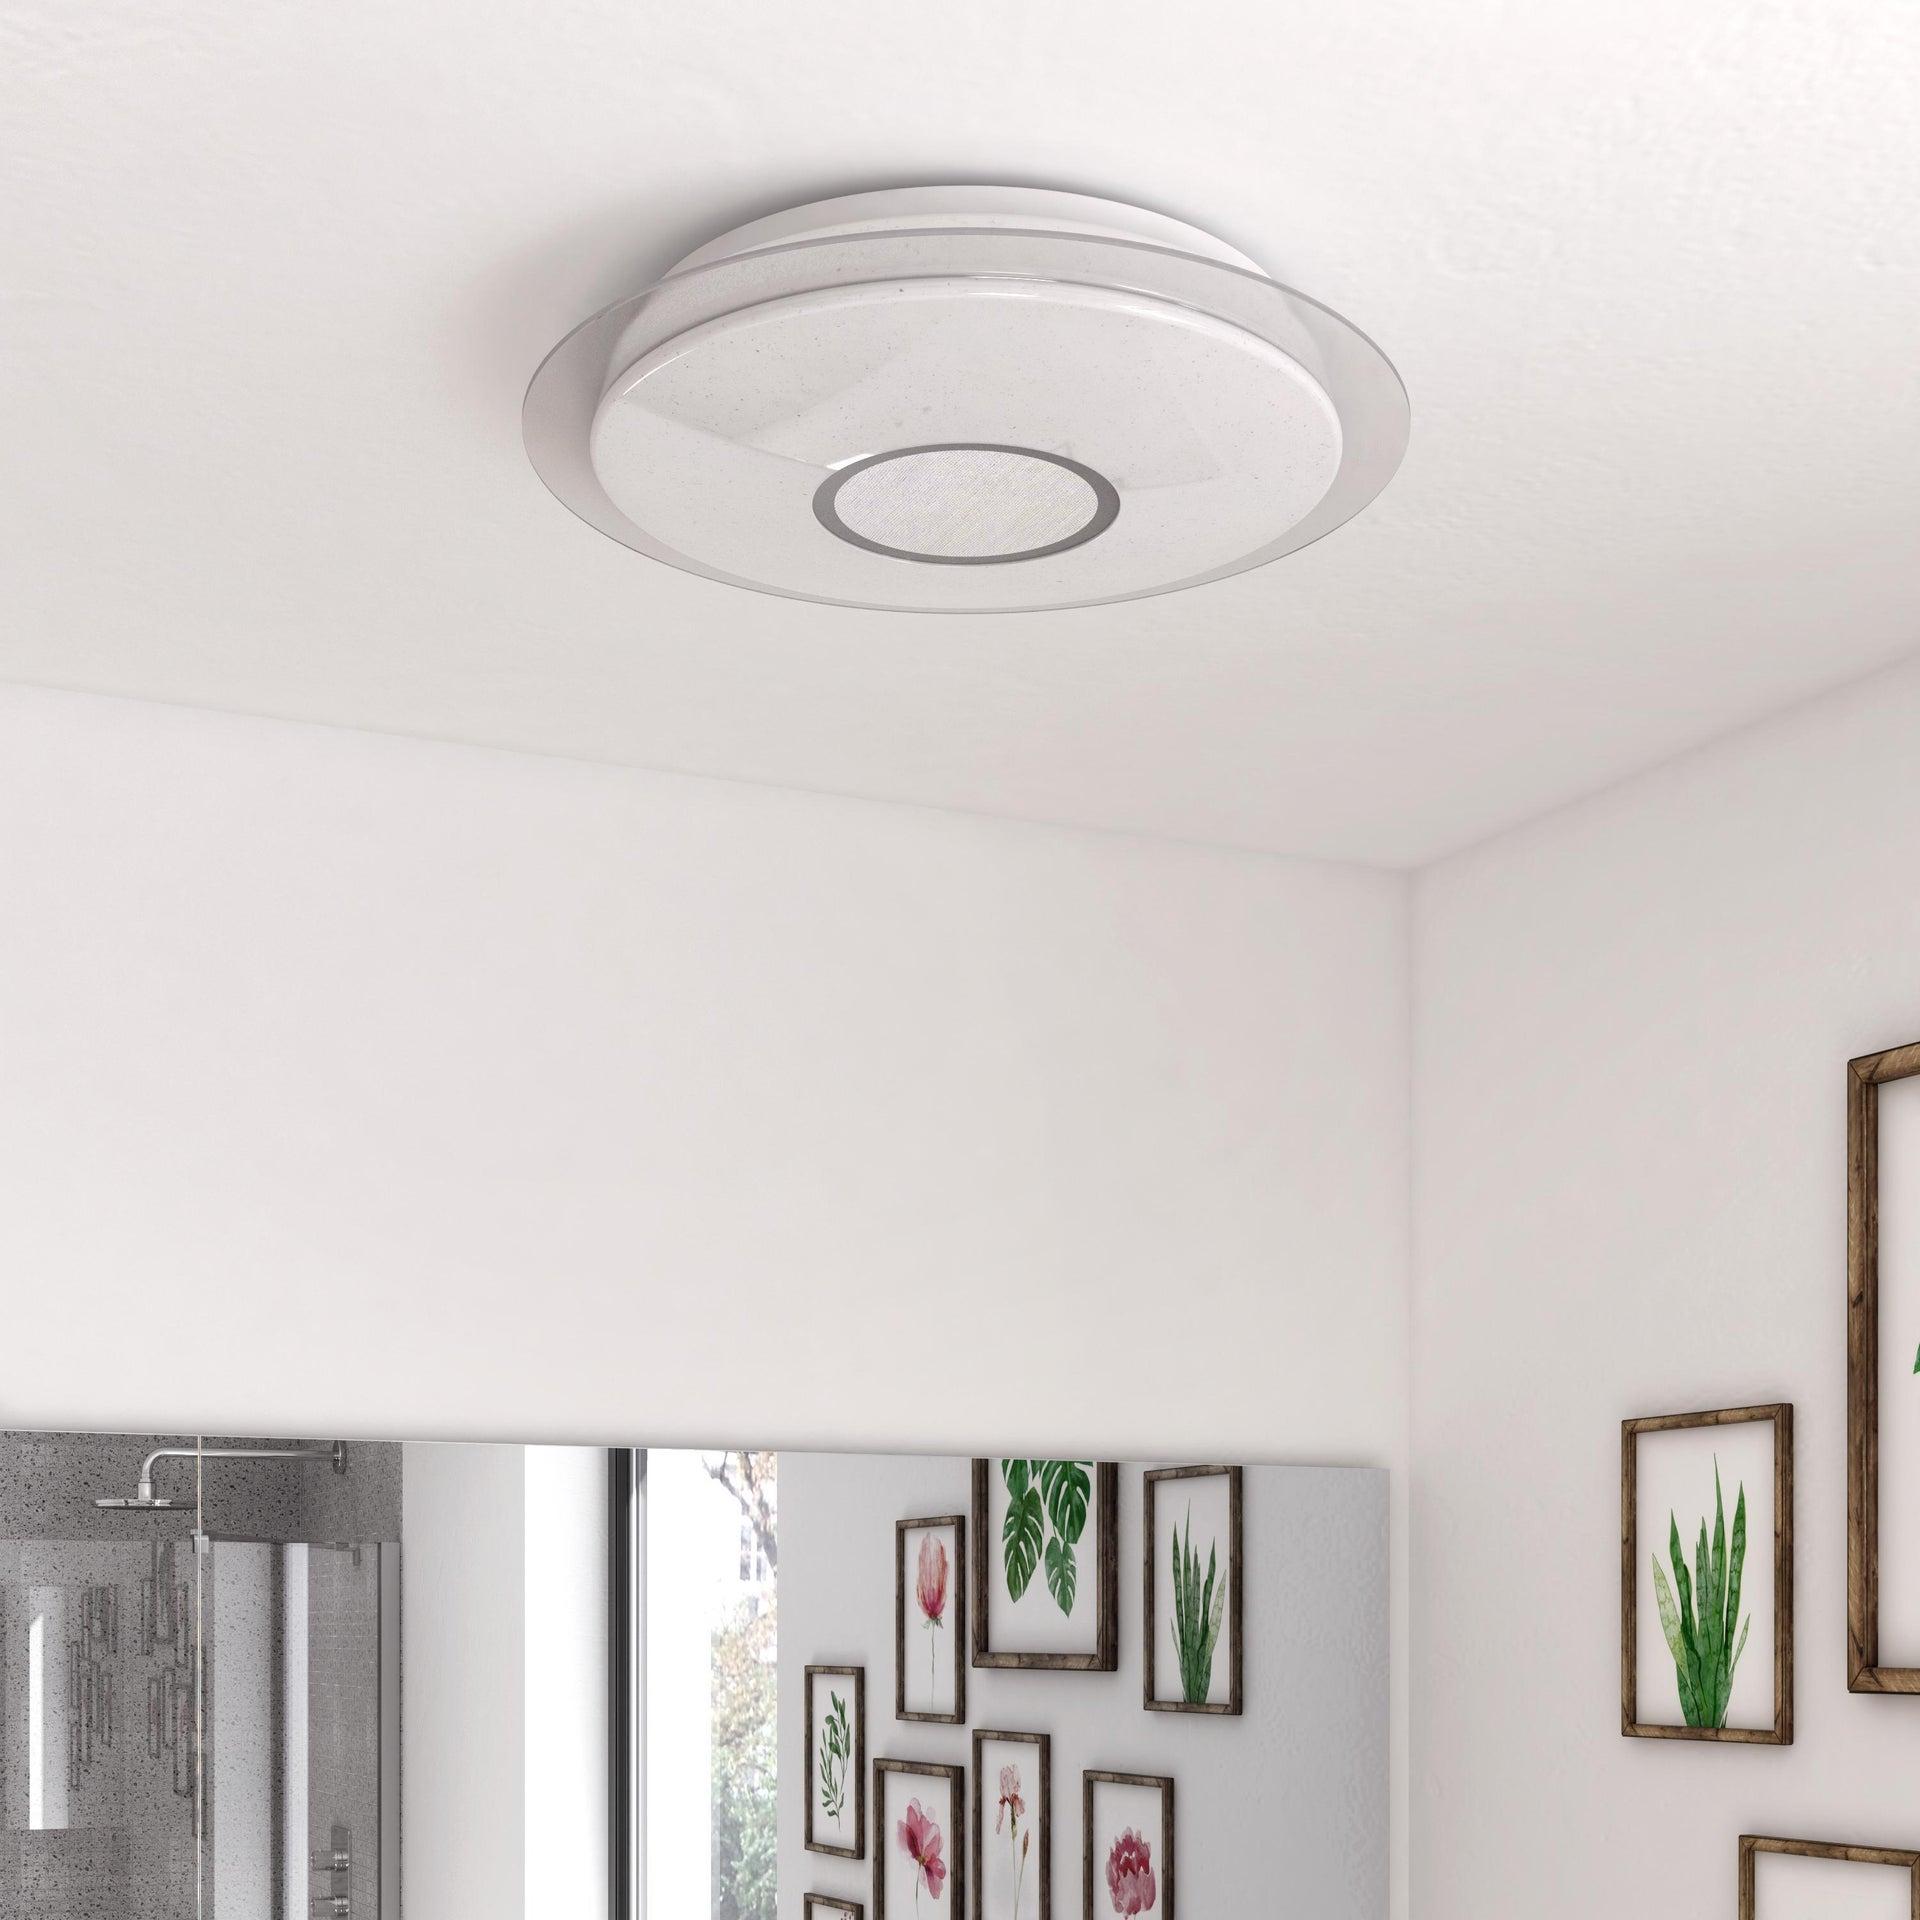 Plafoniera moderno Vizzini LED integrato bianco D. 40 cm 40x40 cm, INSPIRE - 8